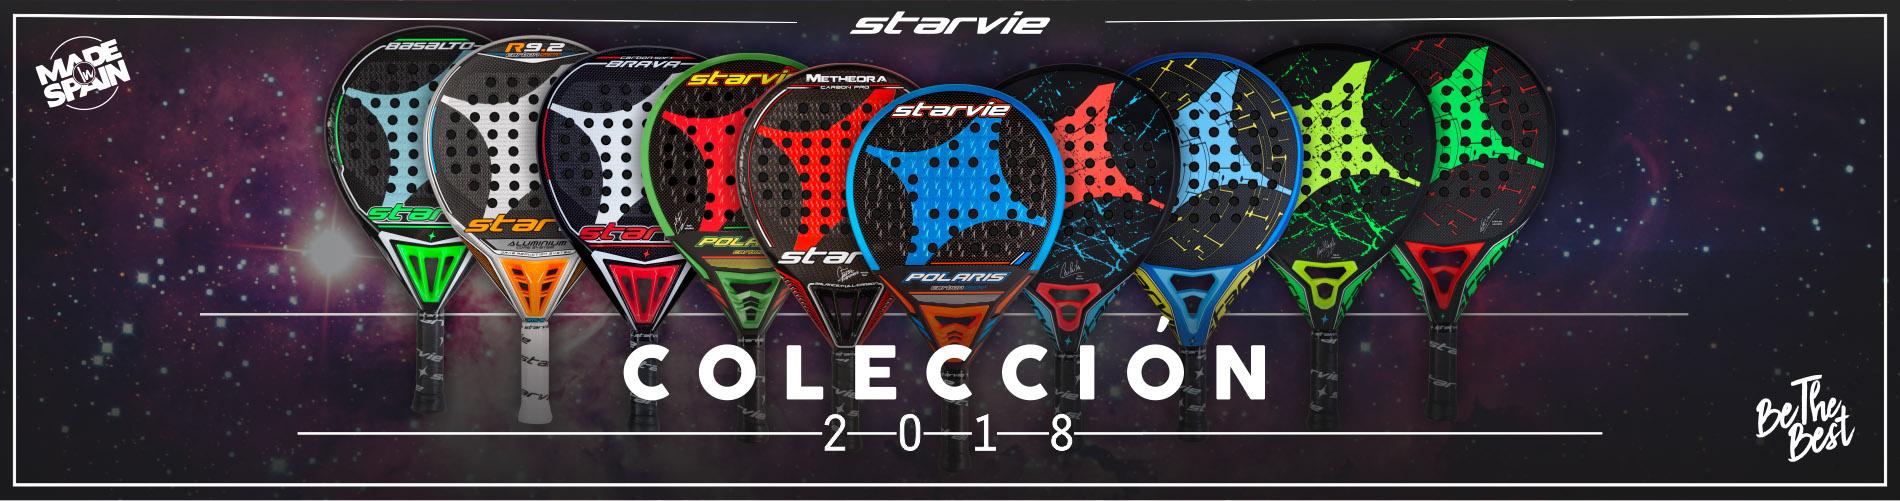 Colección 2018 Palas de Pádel StarVie